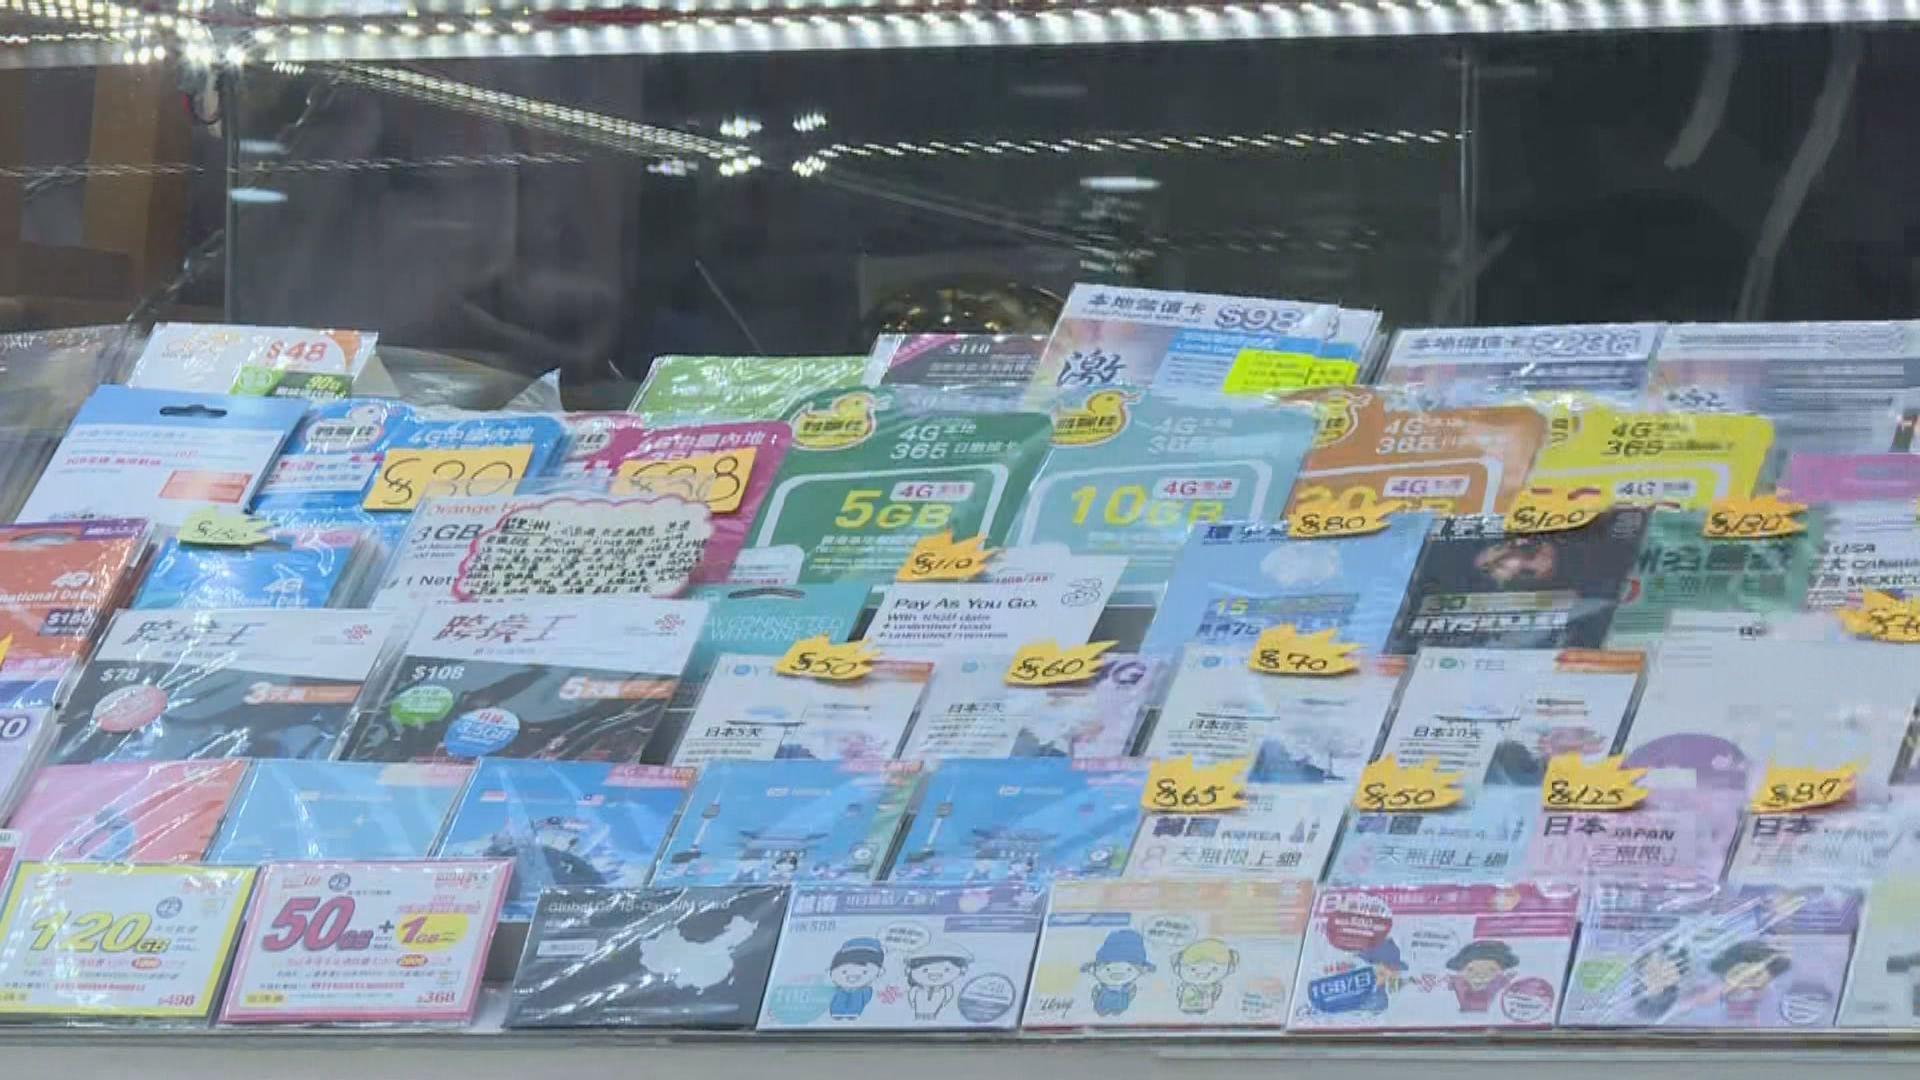 香港電訊:會仔細研究電話卡實名登記諮詢文件內容